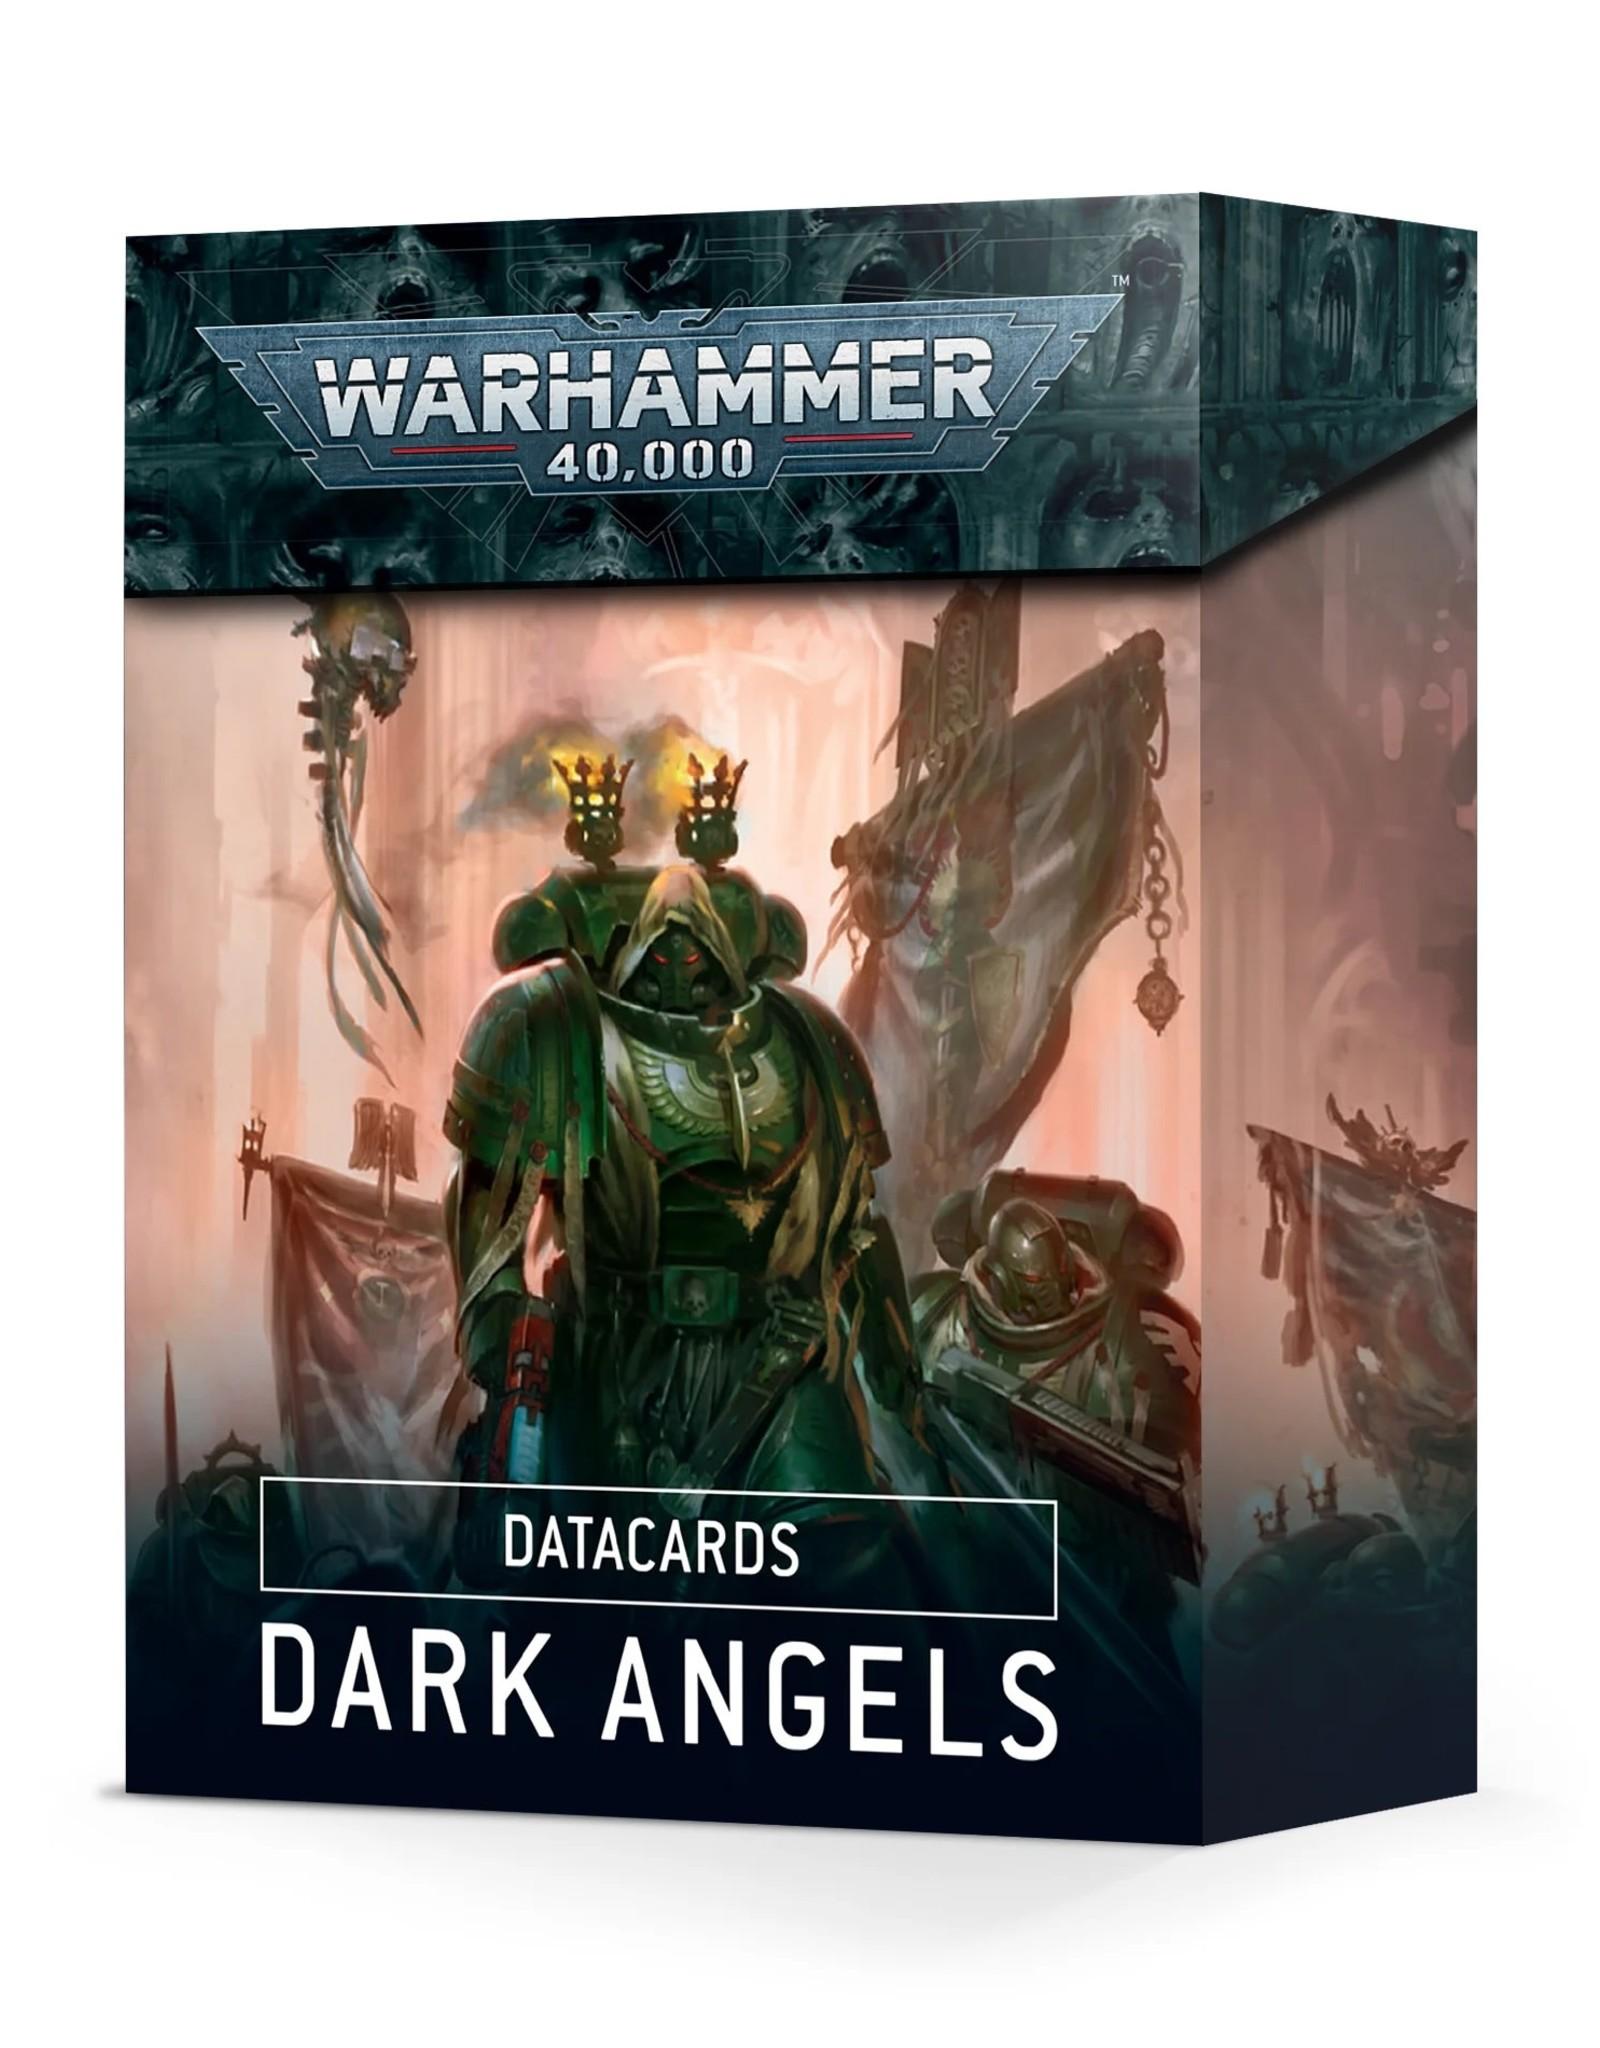 Games Workshop Warhammer 40k: Datacards: Dark Angels